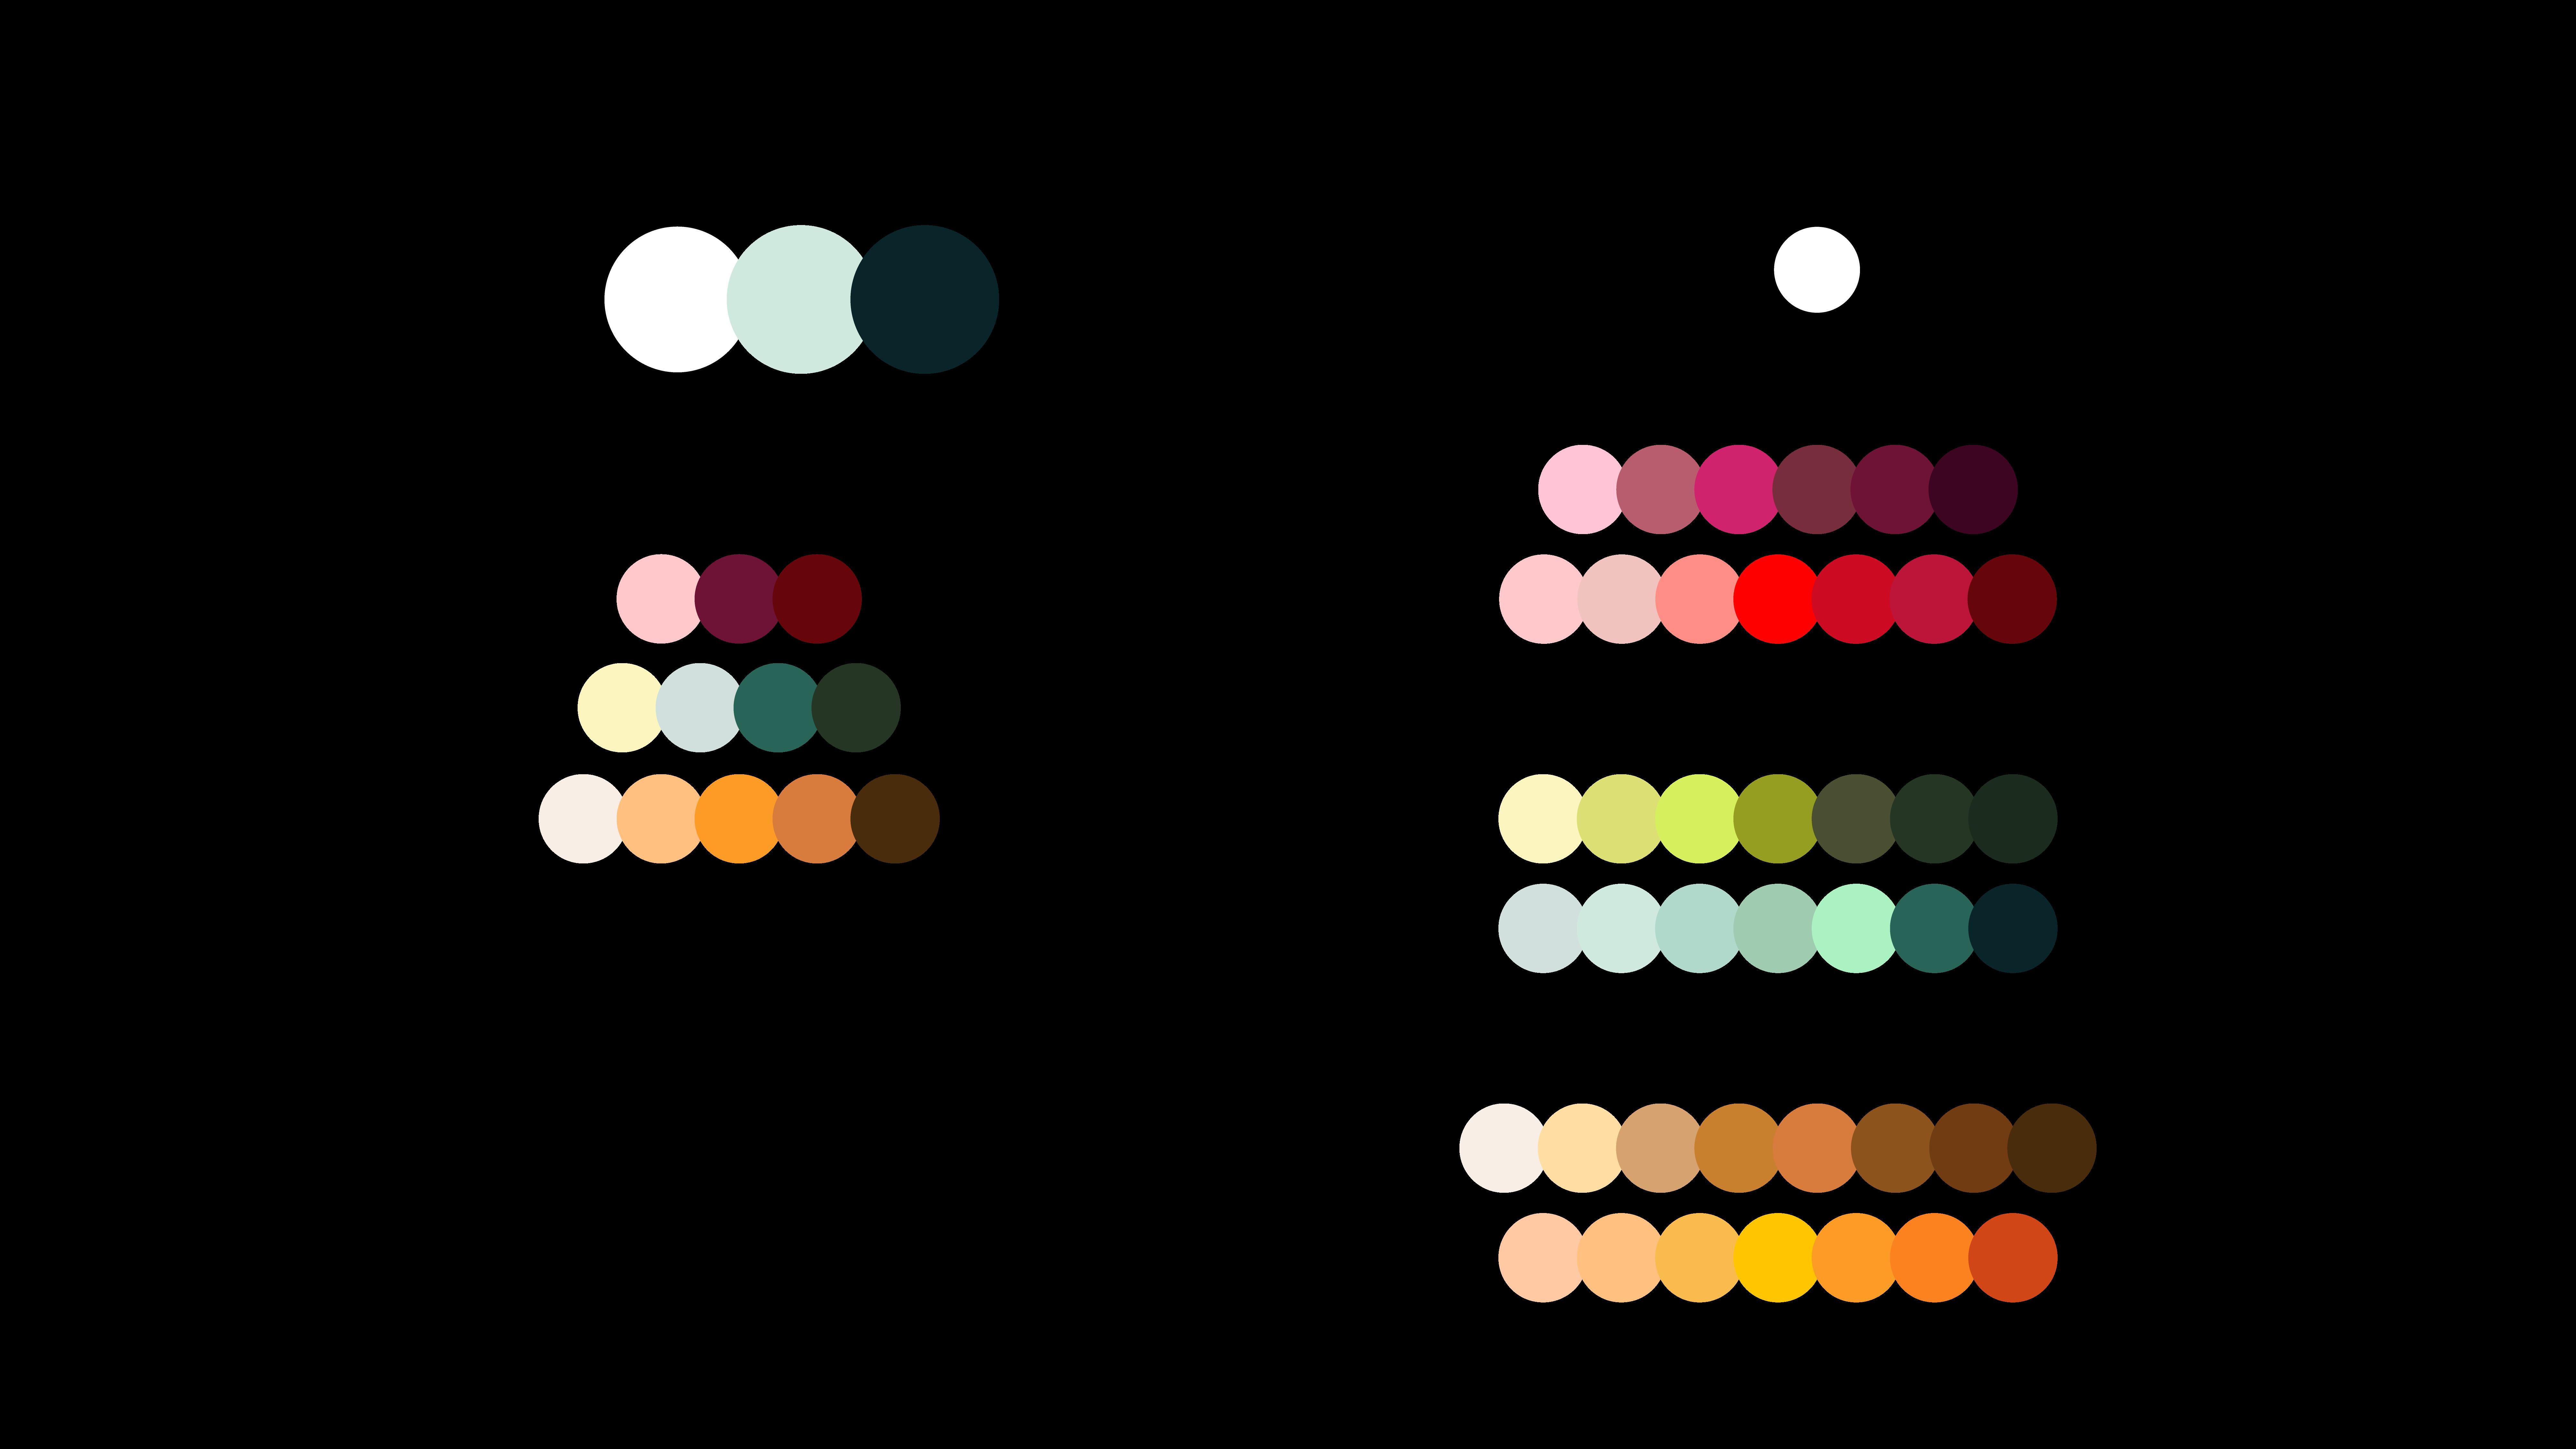 vmp_farger_paletter-05